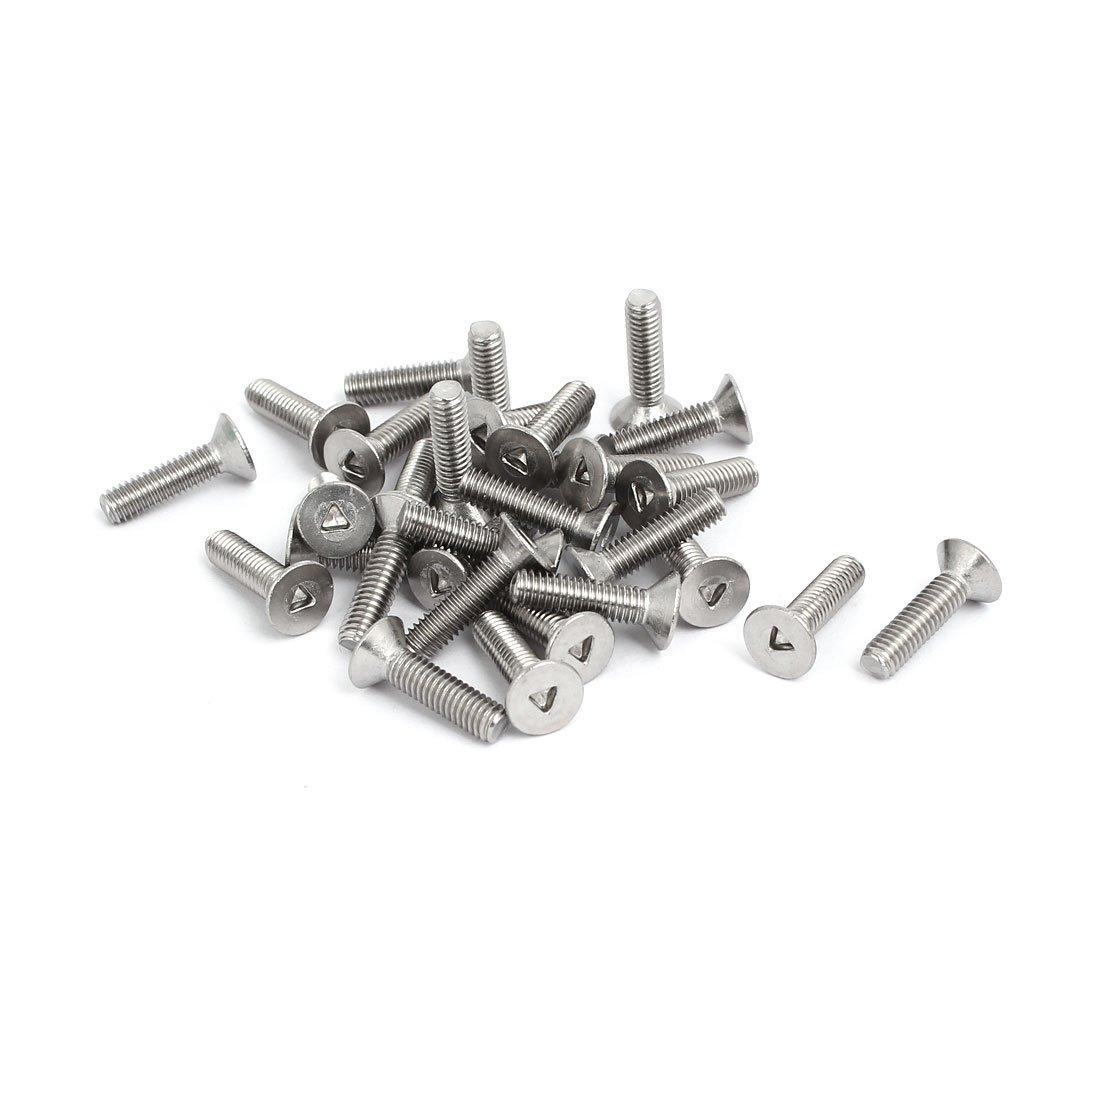 Tool Radius 0.3750 9.5 Solid Carbide Tool 0.320 AlTiN Coated 2.03 mm 0.13 mm Minimum Bore Diameter 50.8 mm Maximum Bore Depth Projection 2.000 0.005 8.13 mm Micro 100 QBB-3202000X Right Hand Cutting Radius Quick Change Boring Tool 0.080